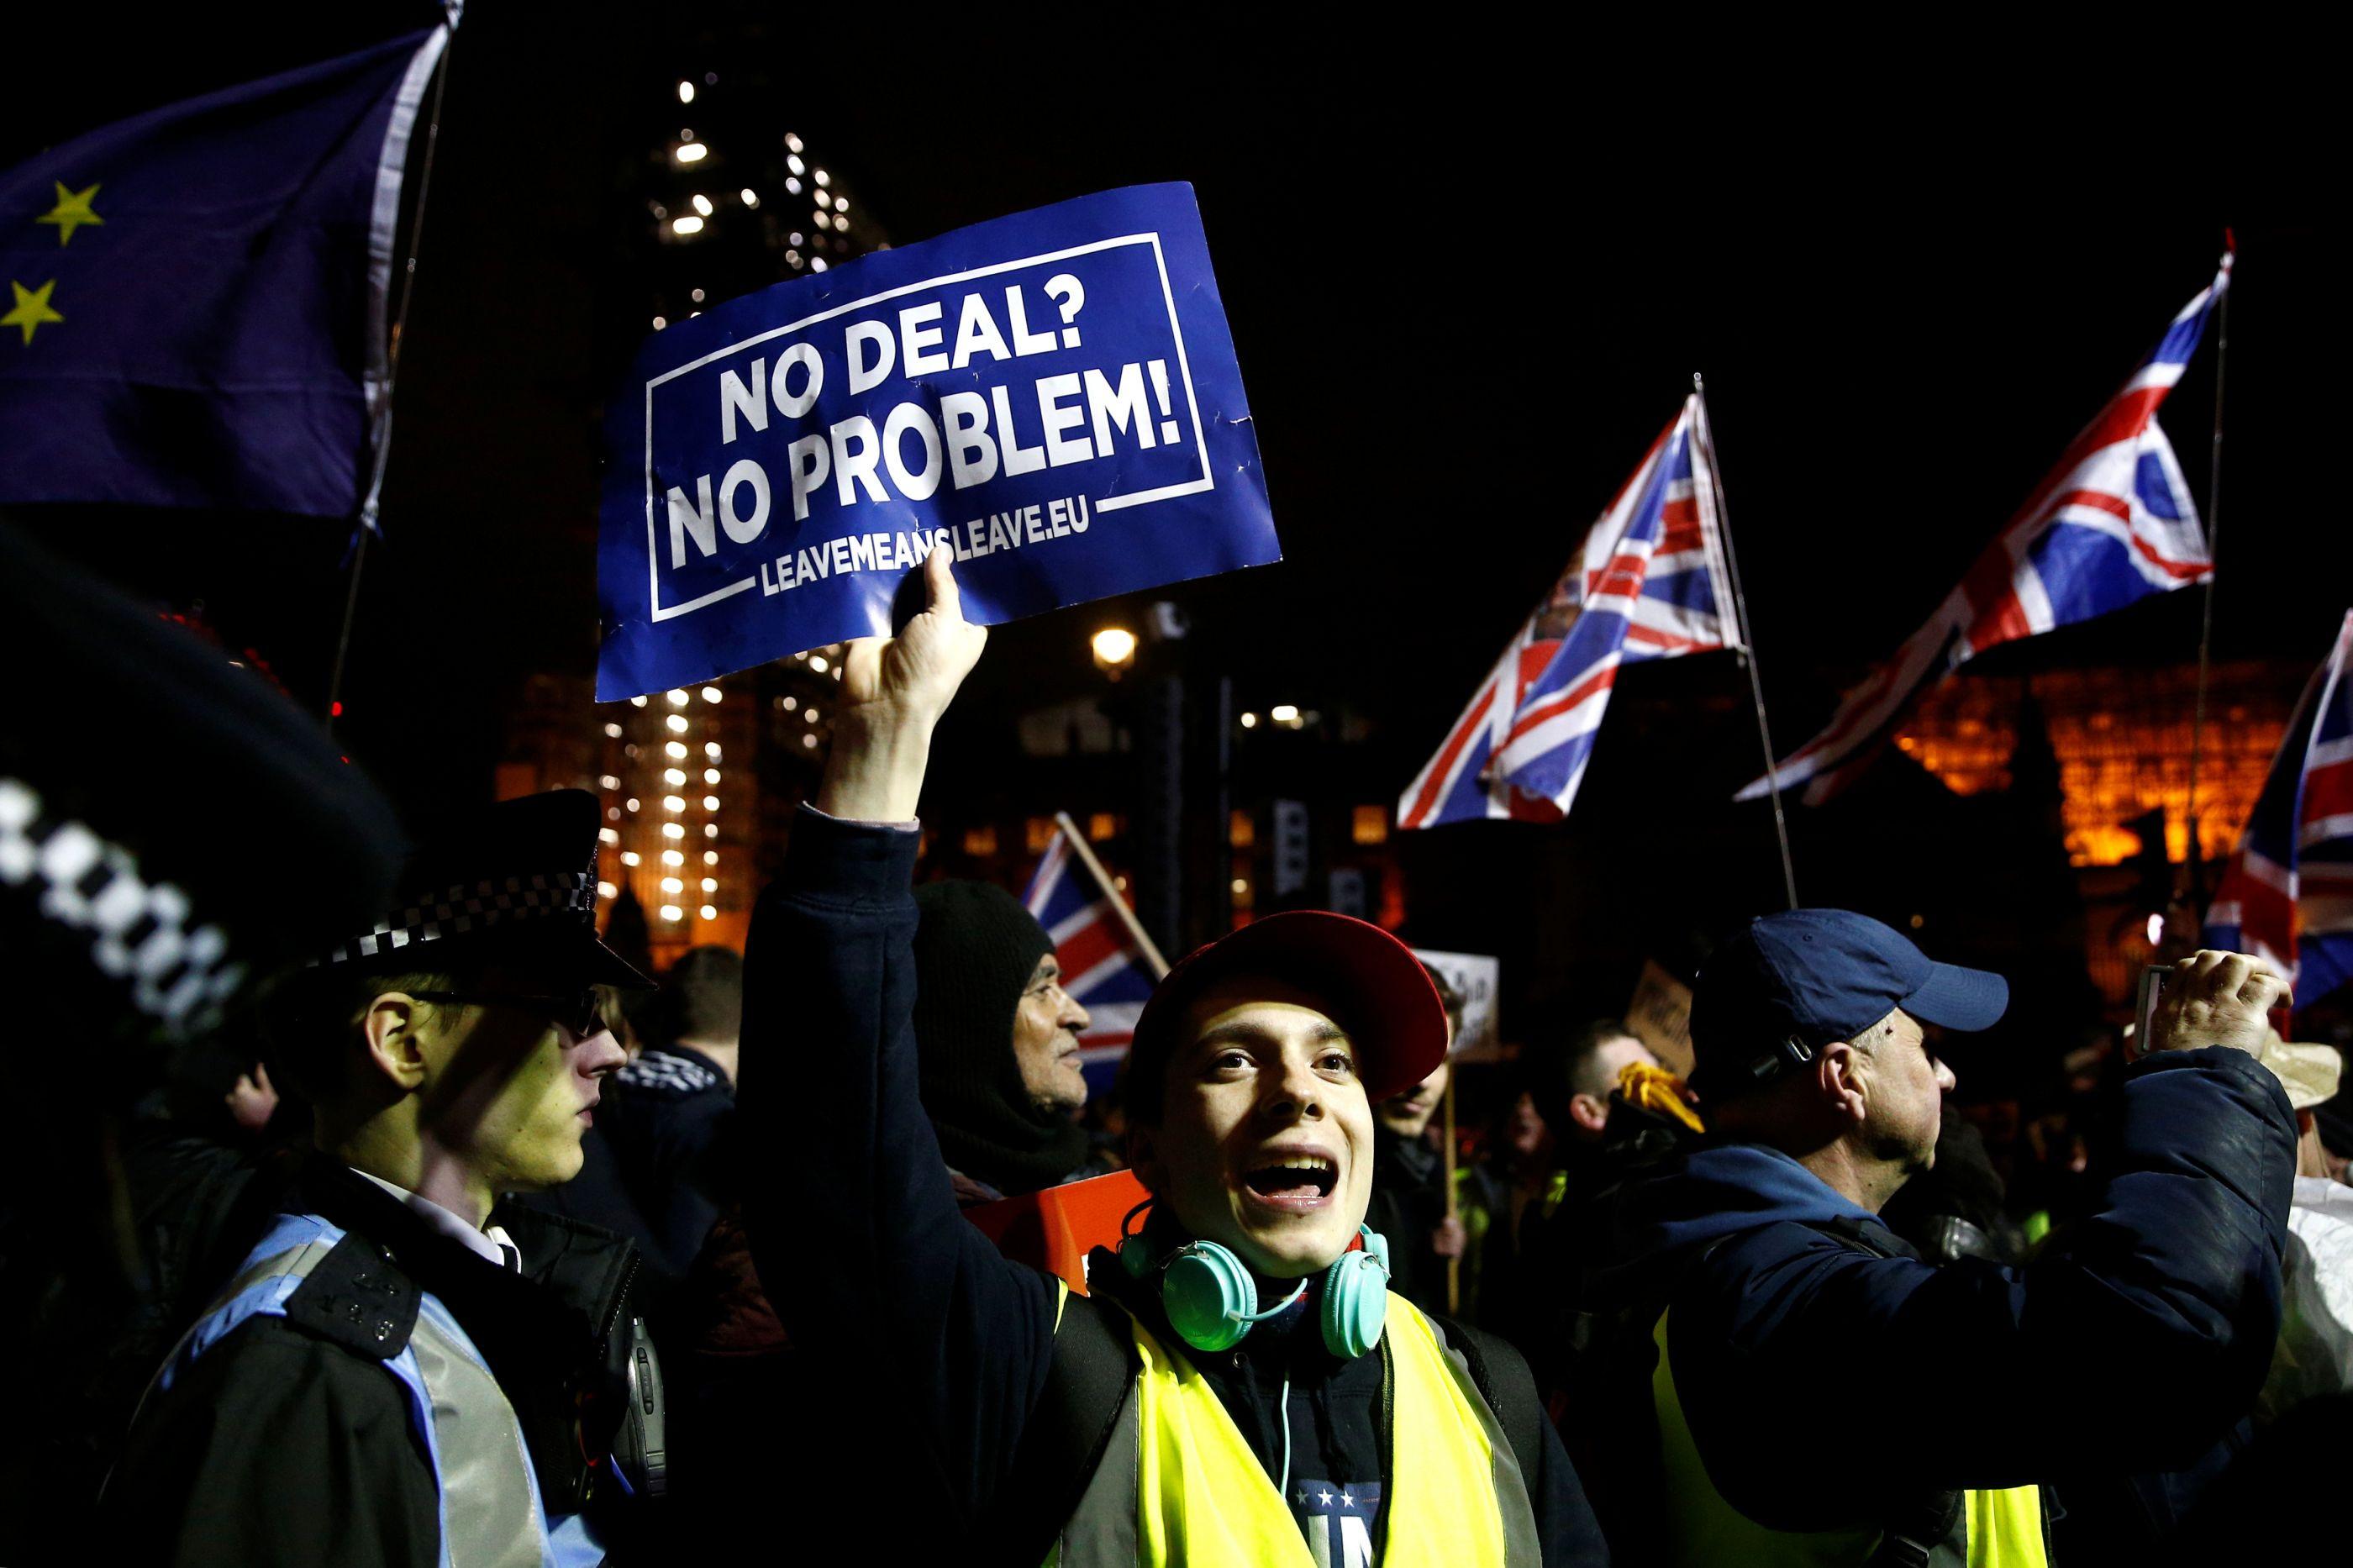 Votação concluída. Acordo do Brexit foi chumbado